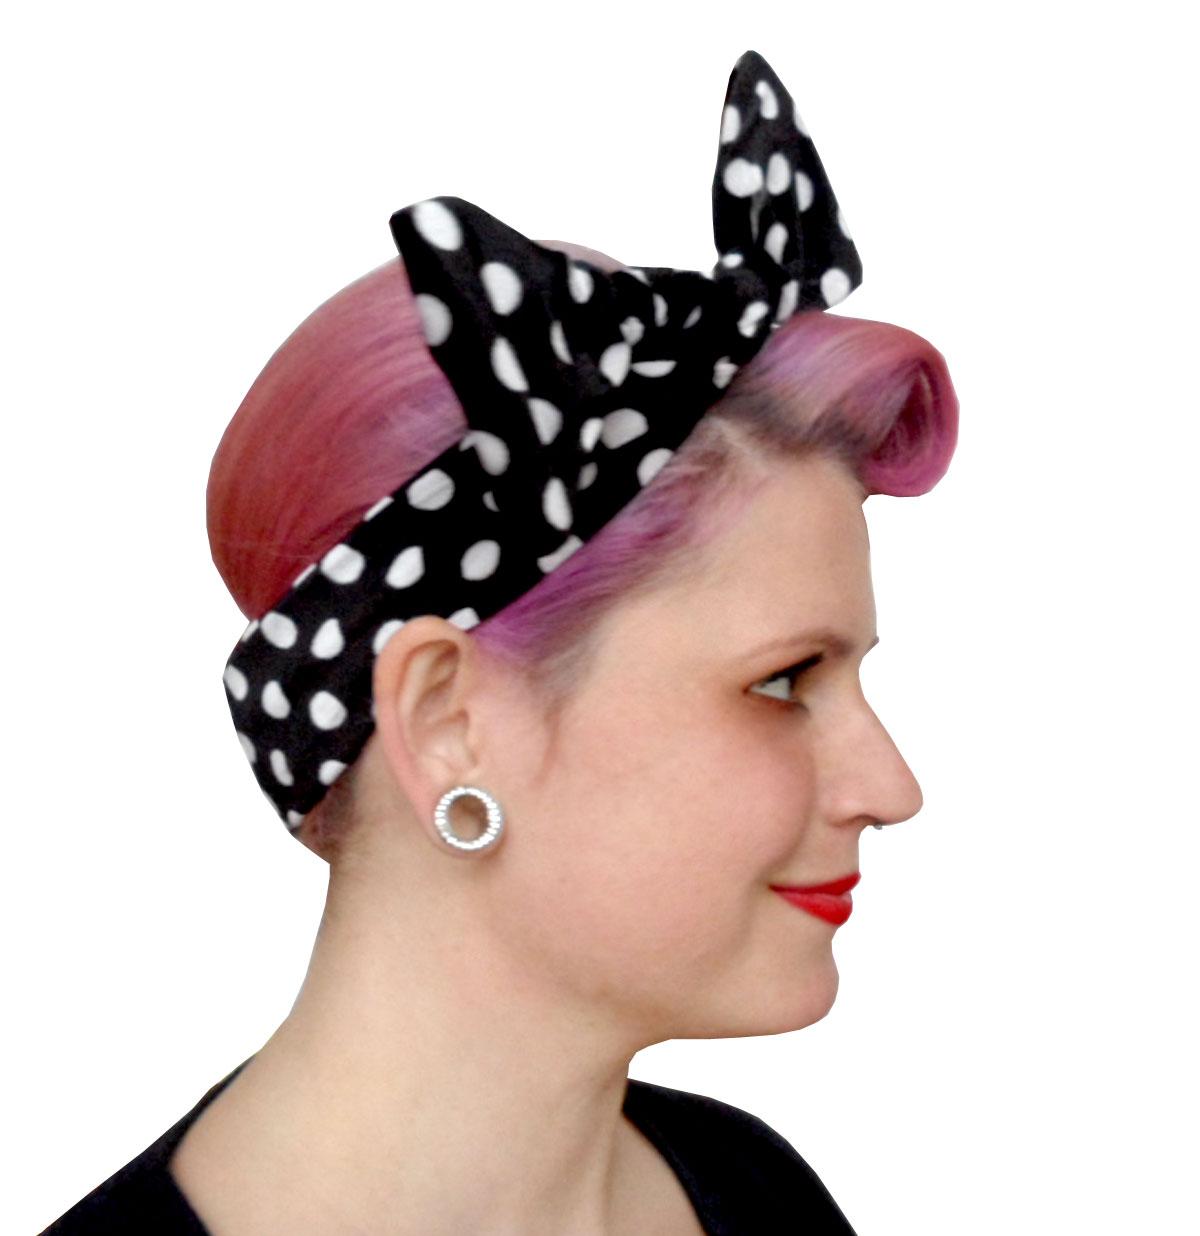 Velvet Headband Black/White Dots